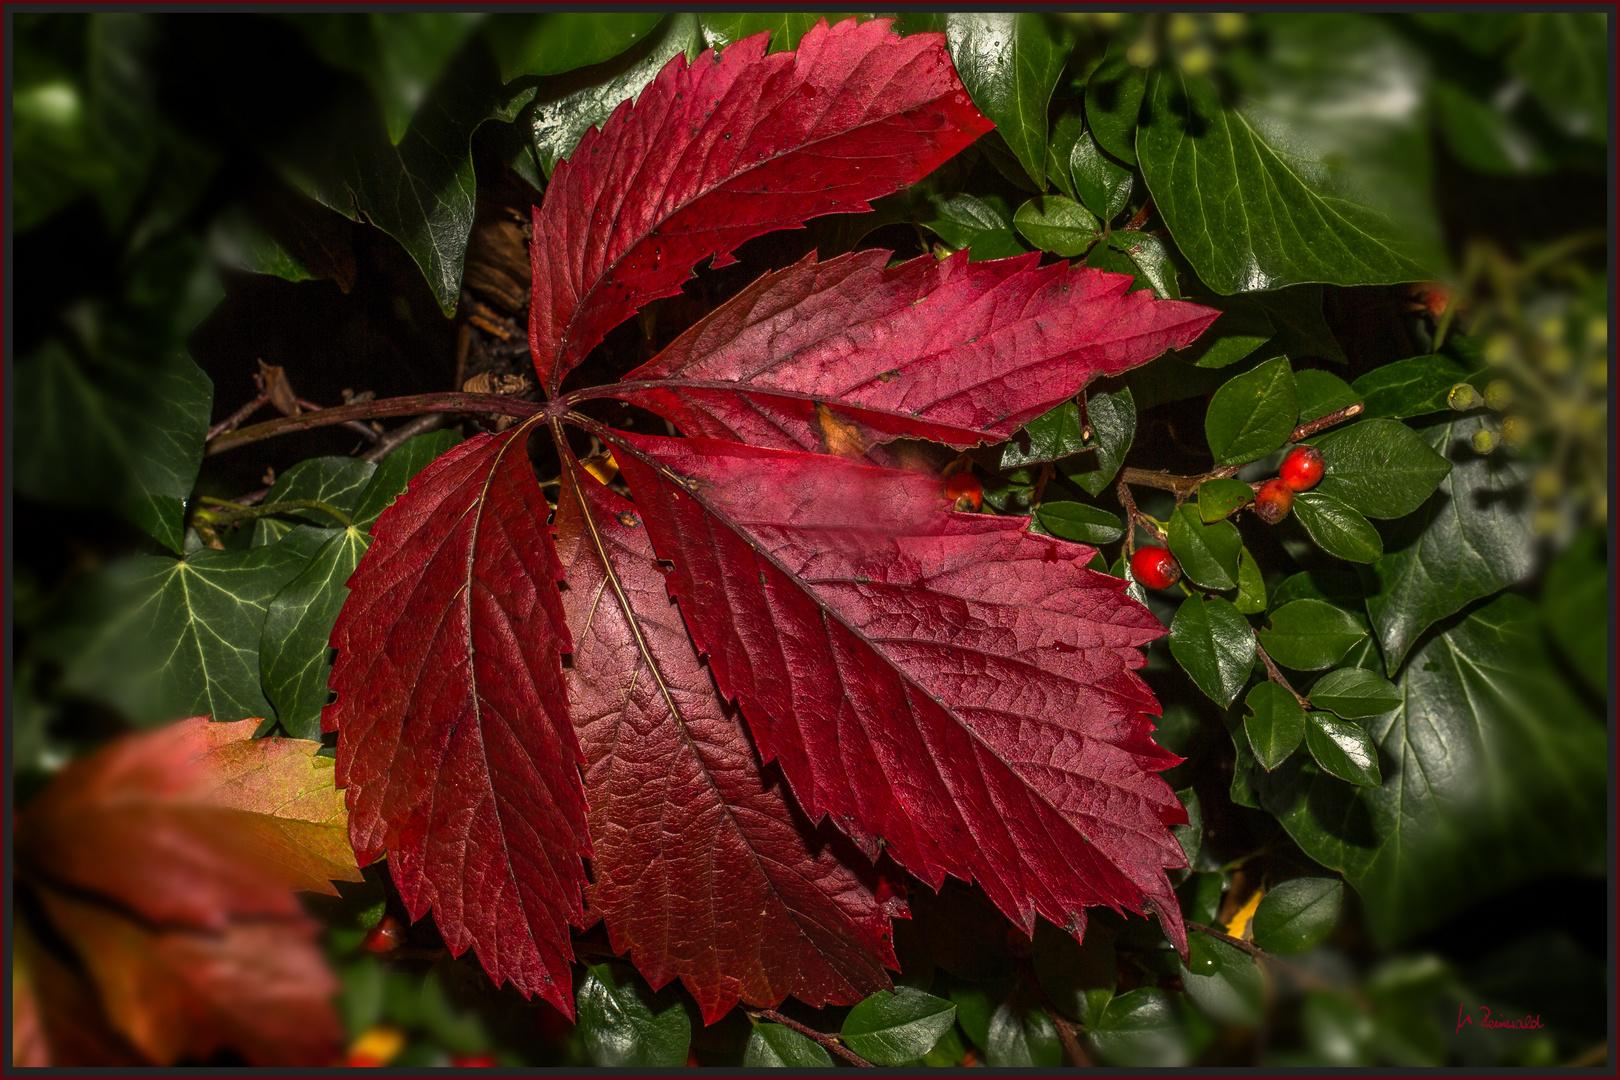 Die ersten roten Blätter ...